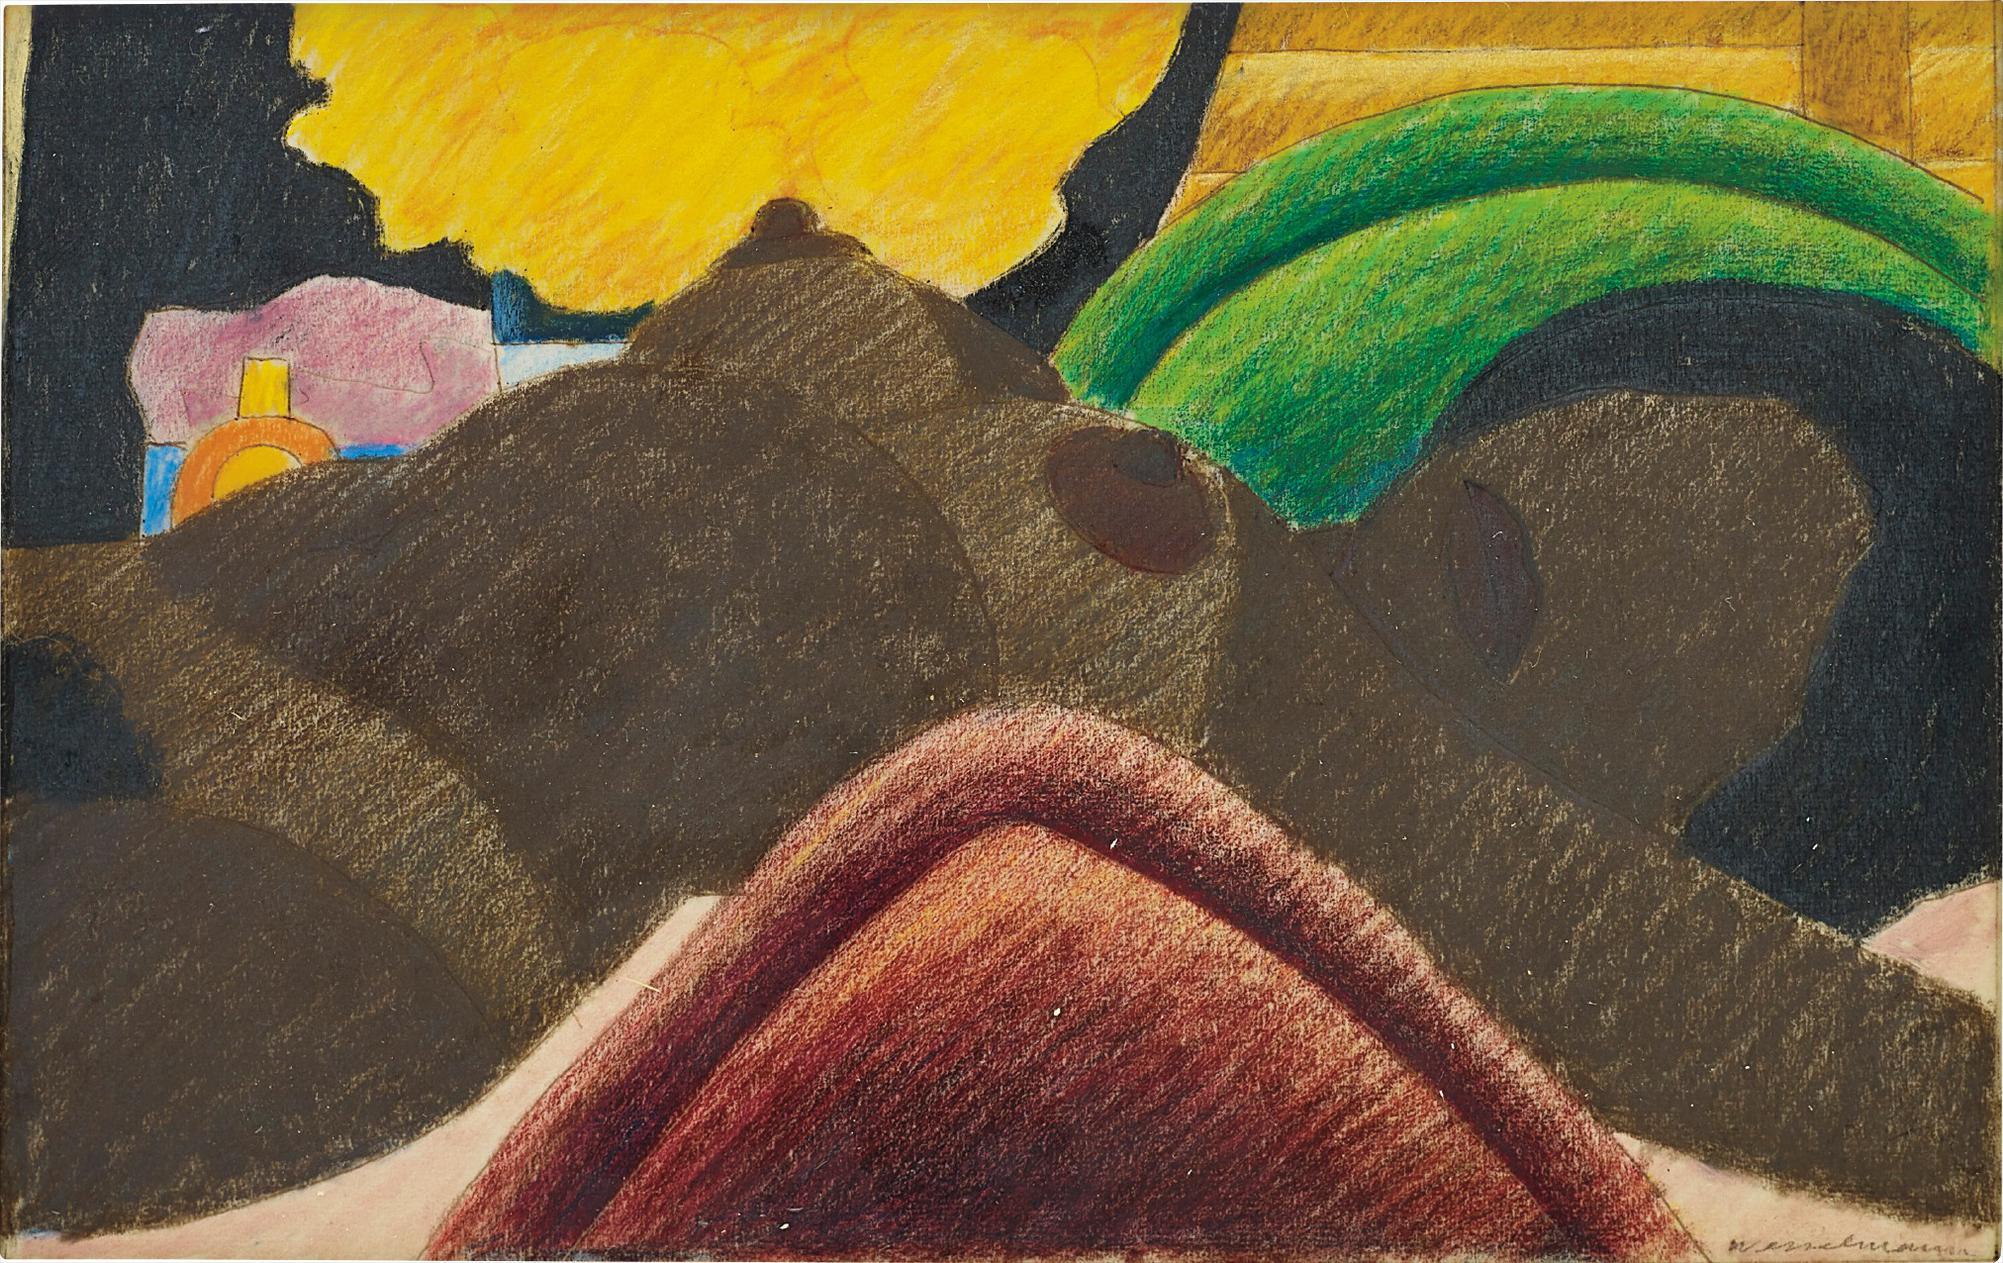 Tom Wesselmann-Sketch From Big Brown Nude-1975